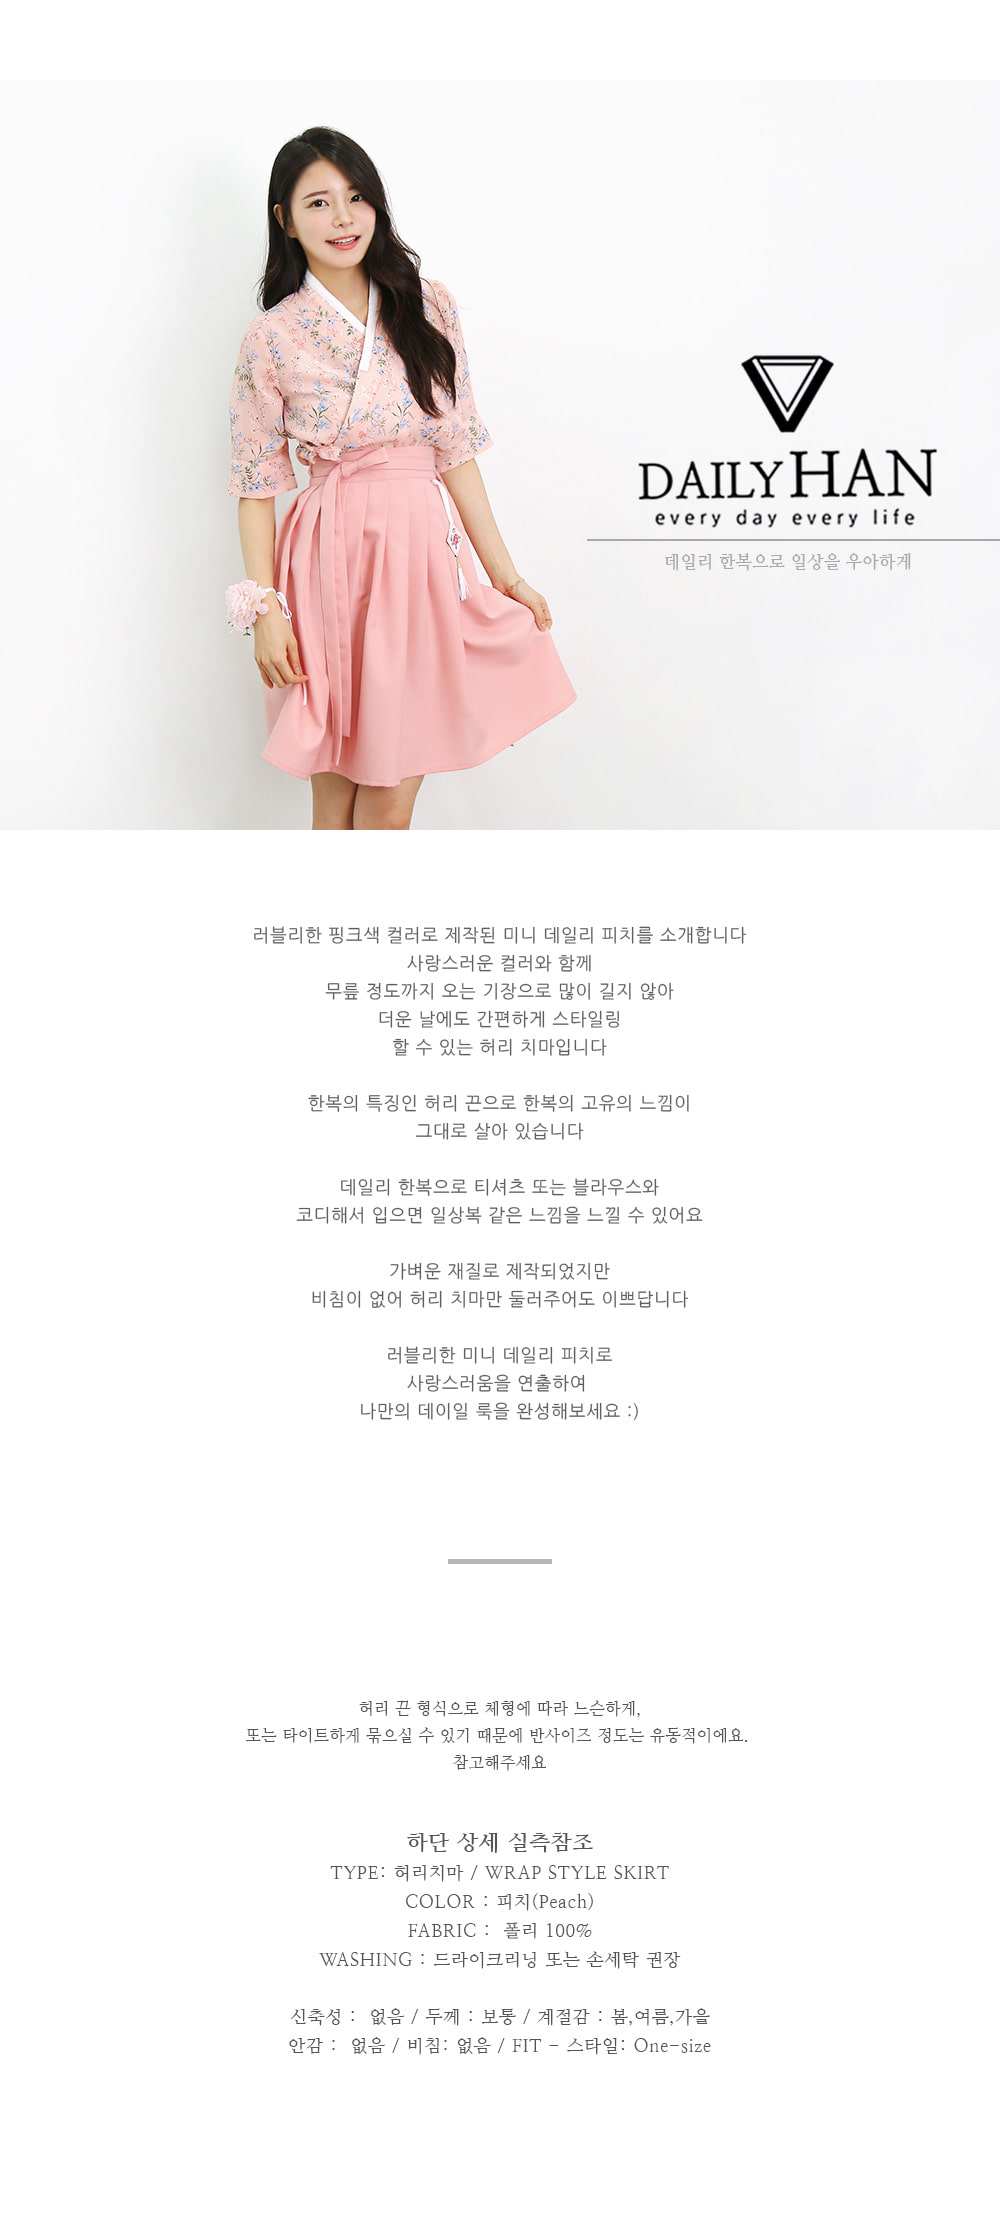 미니데일리 허리치마(피치) - 데일리한, 58,000원, 생활한복, 여성한복